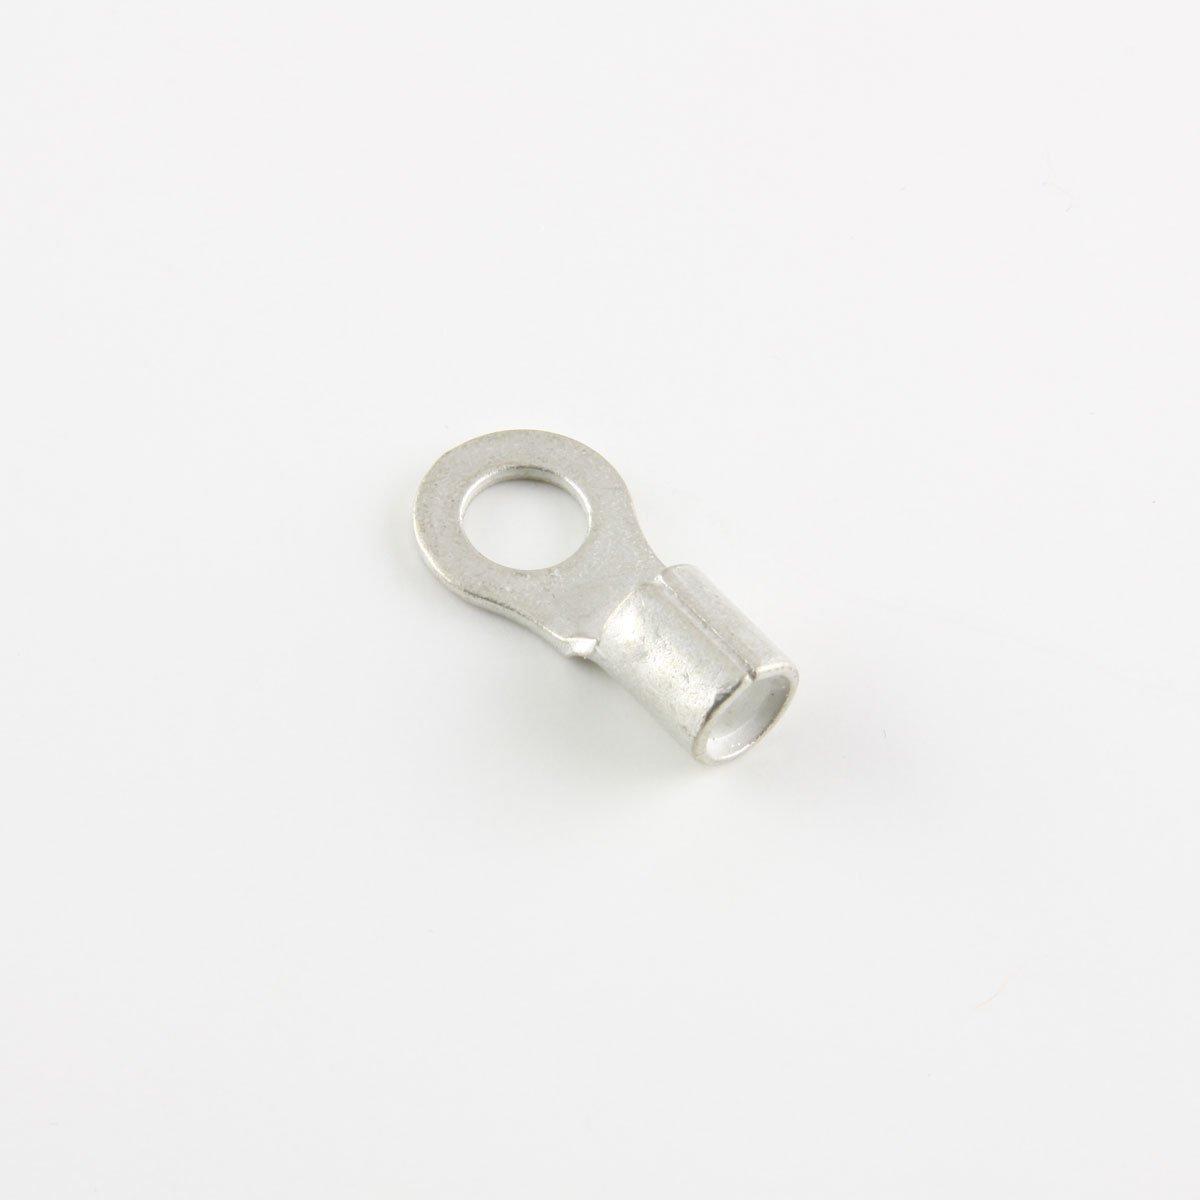 8 Ga. Ring Terminals, 1/4'' Stud - (pack of 25)